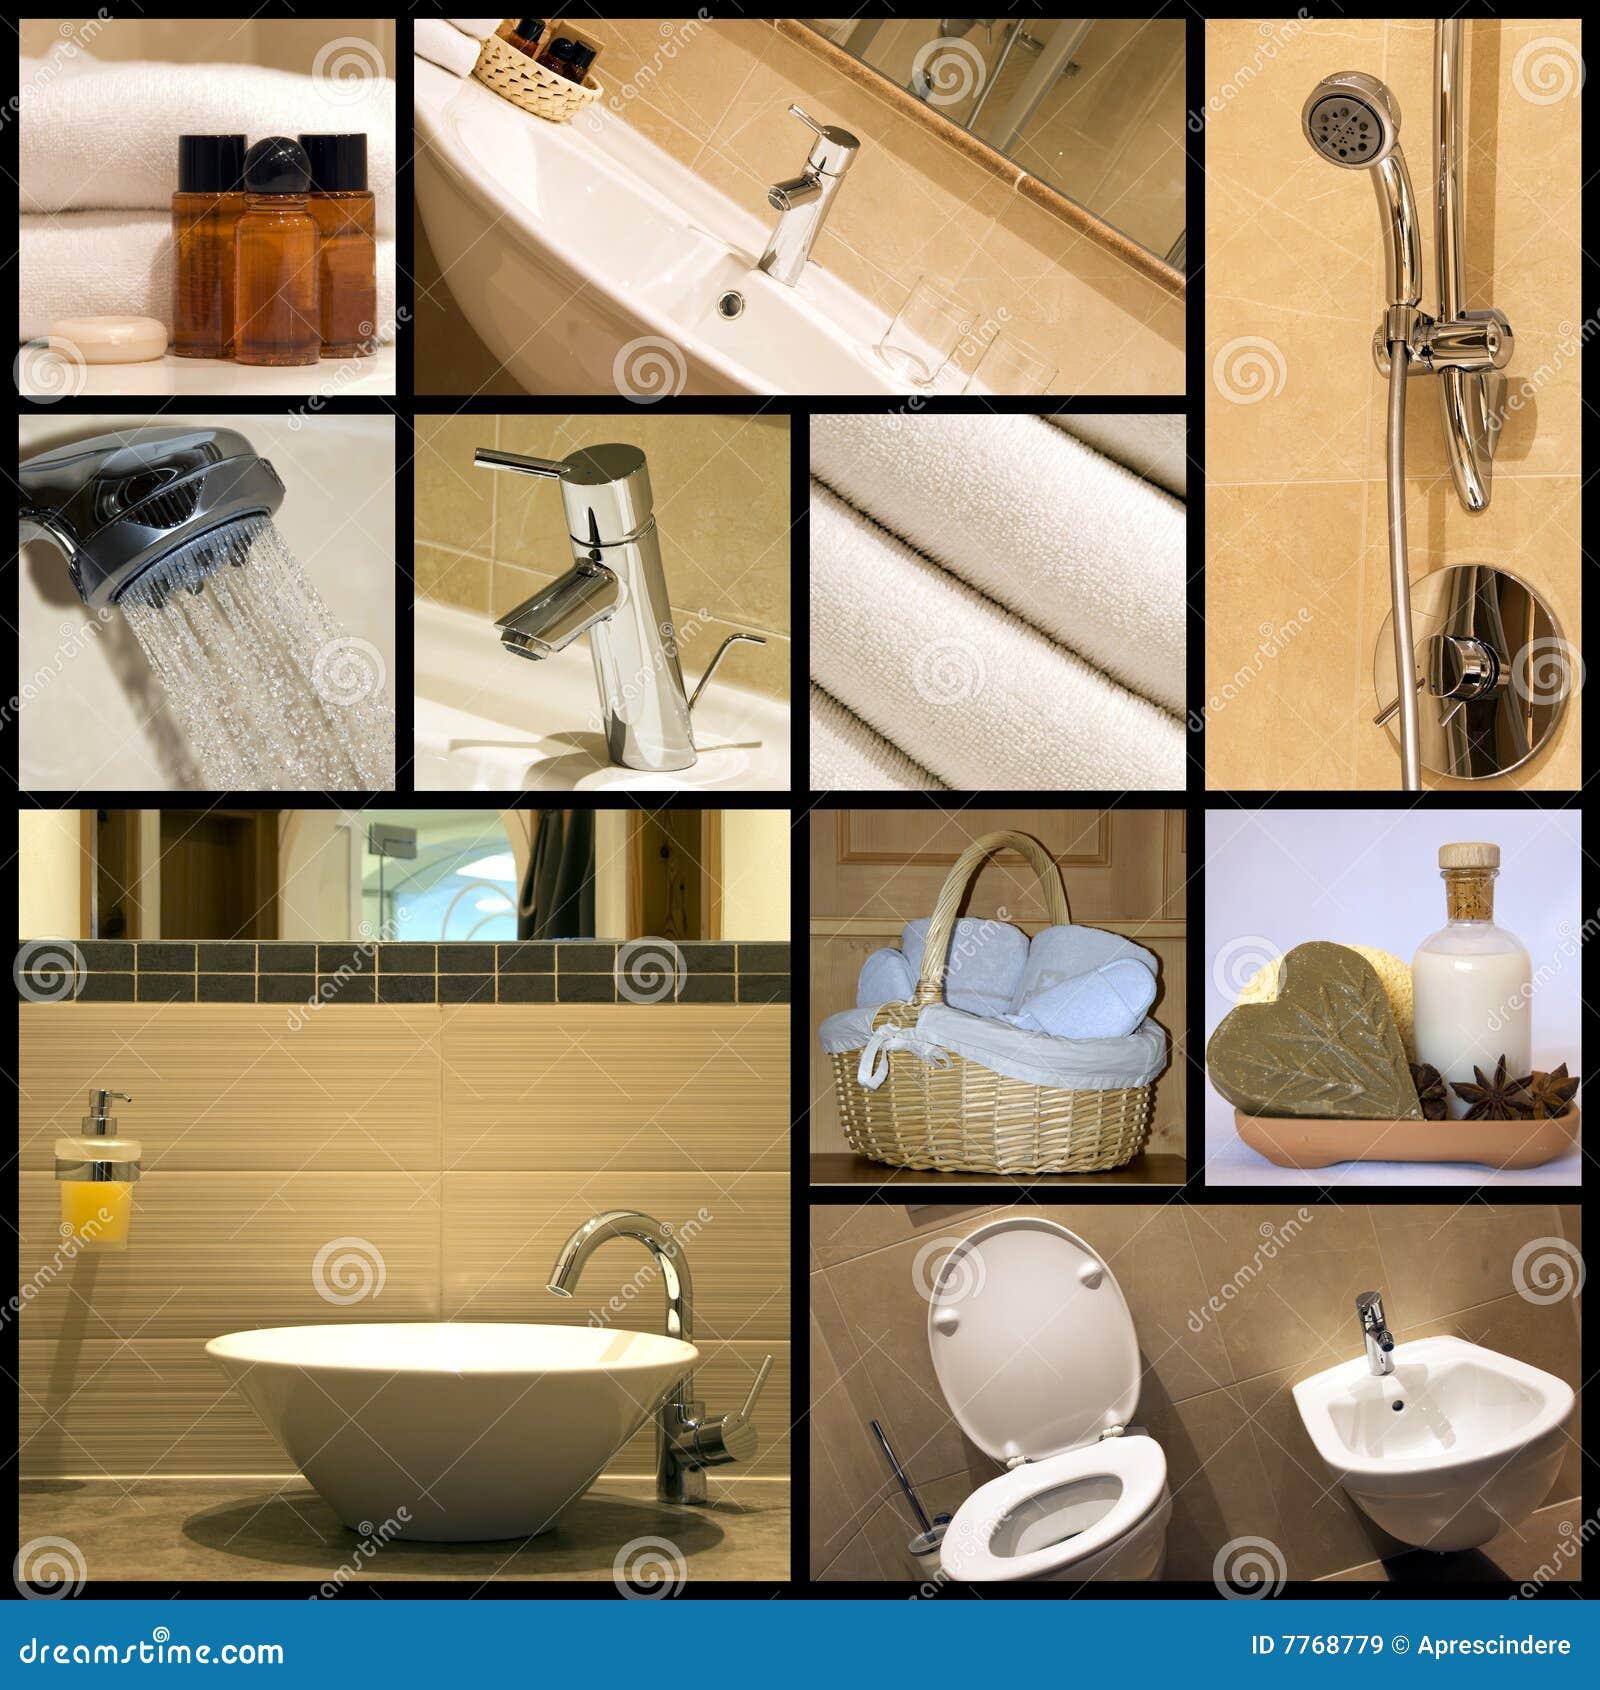 Cuarto de baño moderno - collage